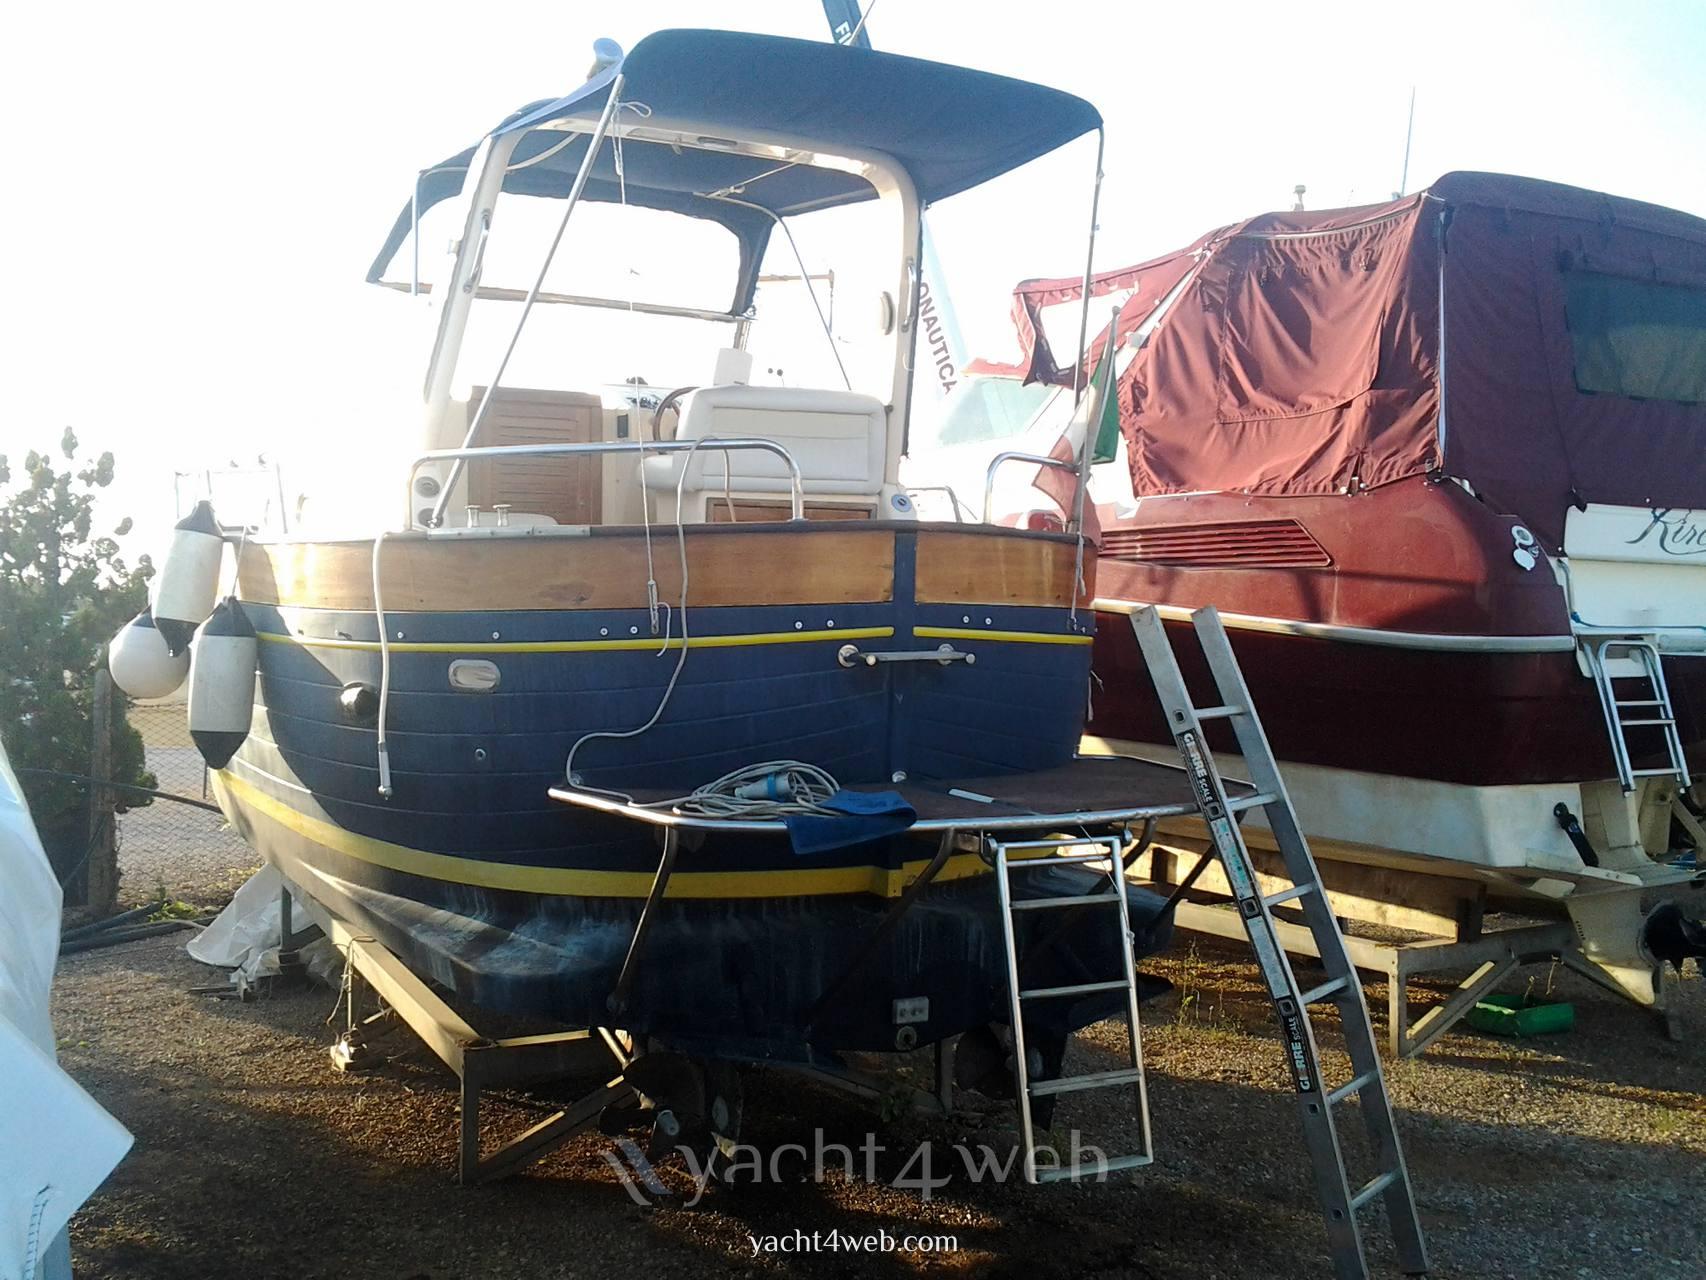 APREA MARE 750 cabin Barca a motore usata in vendita